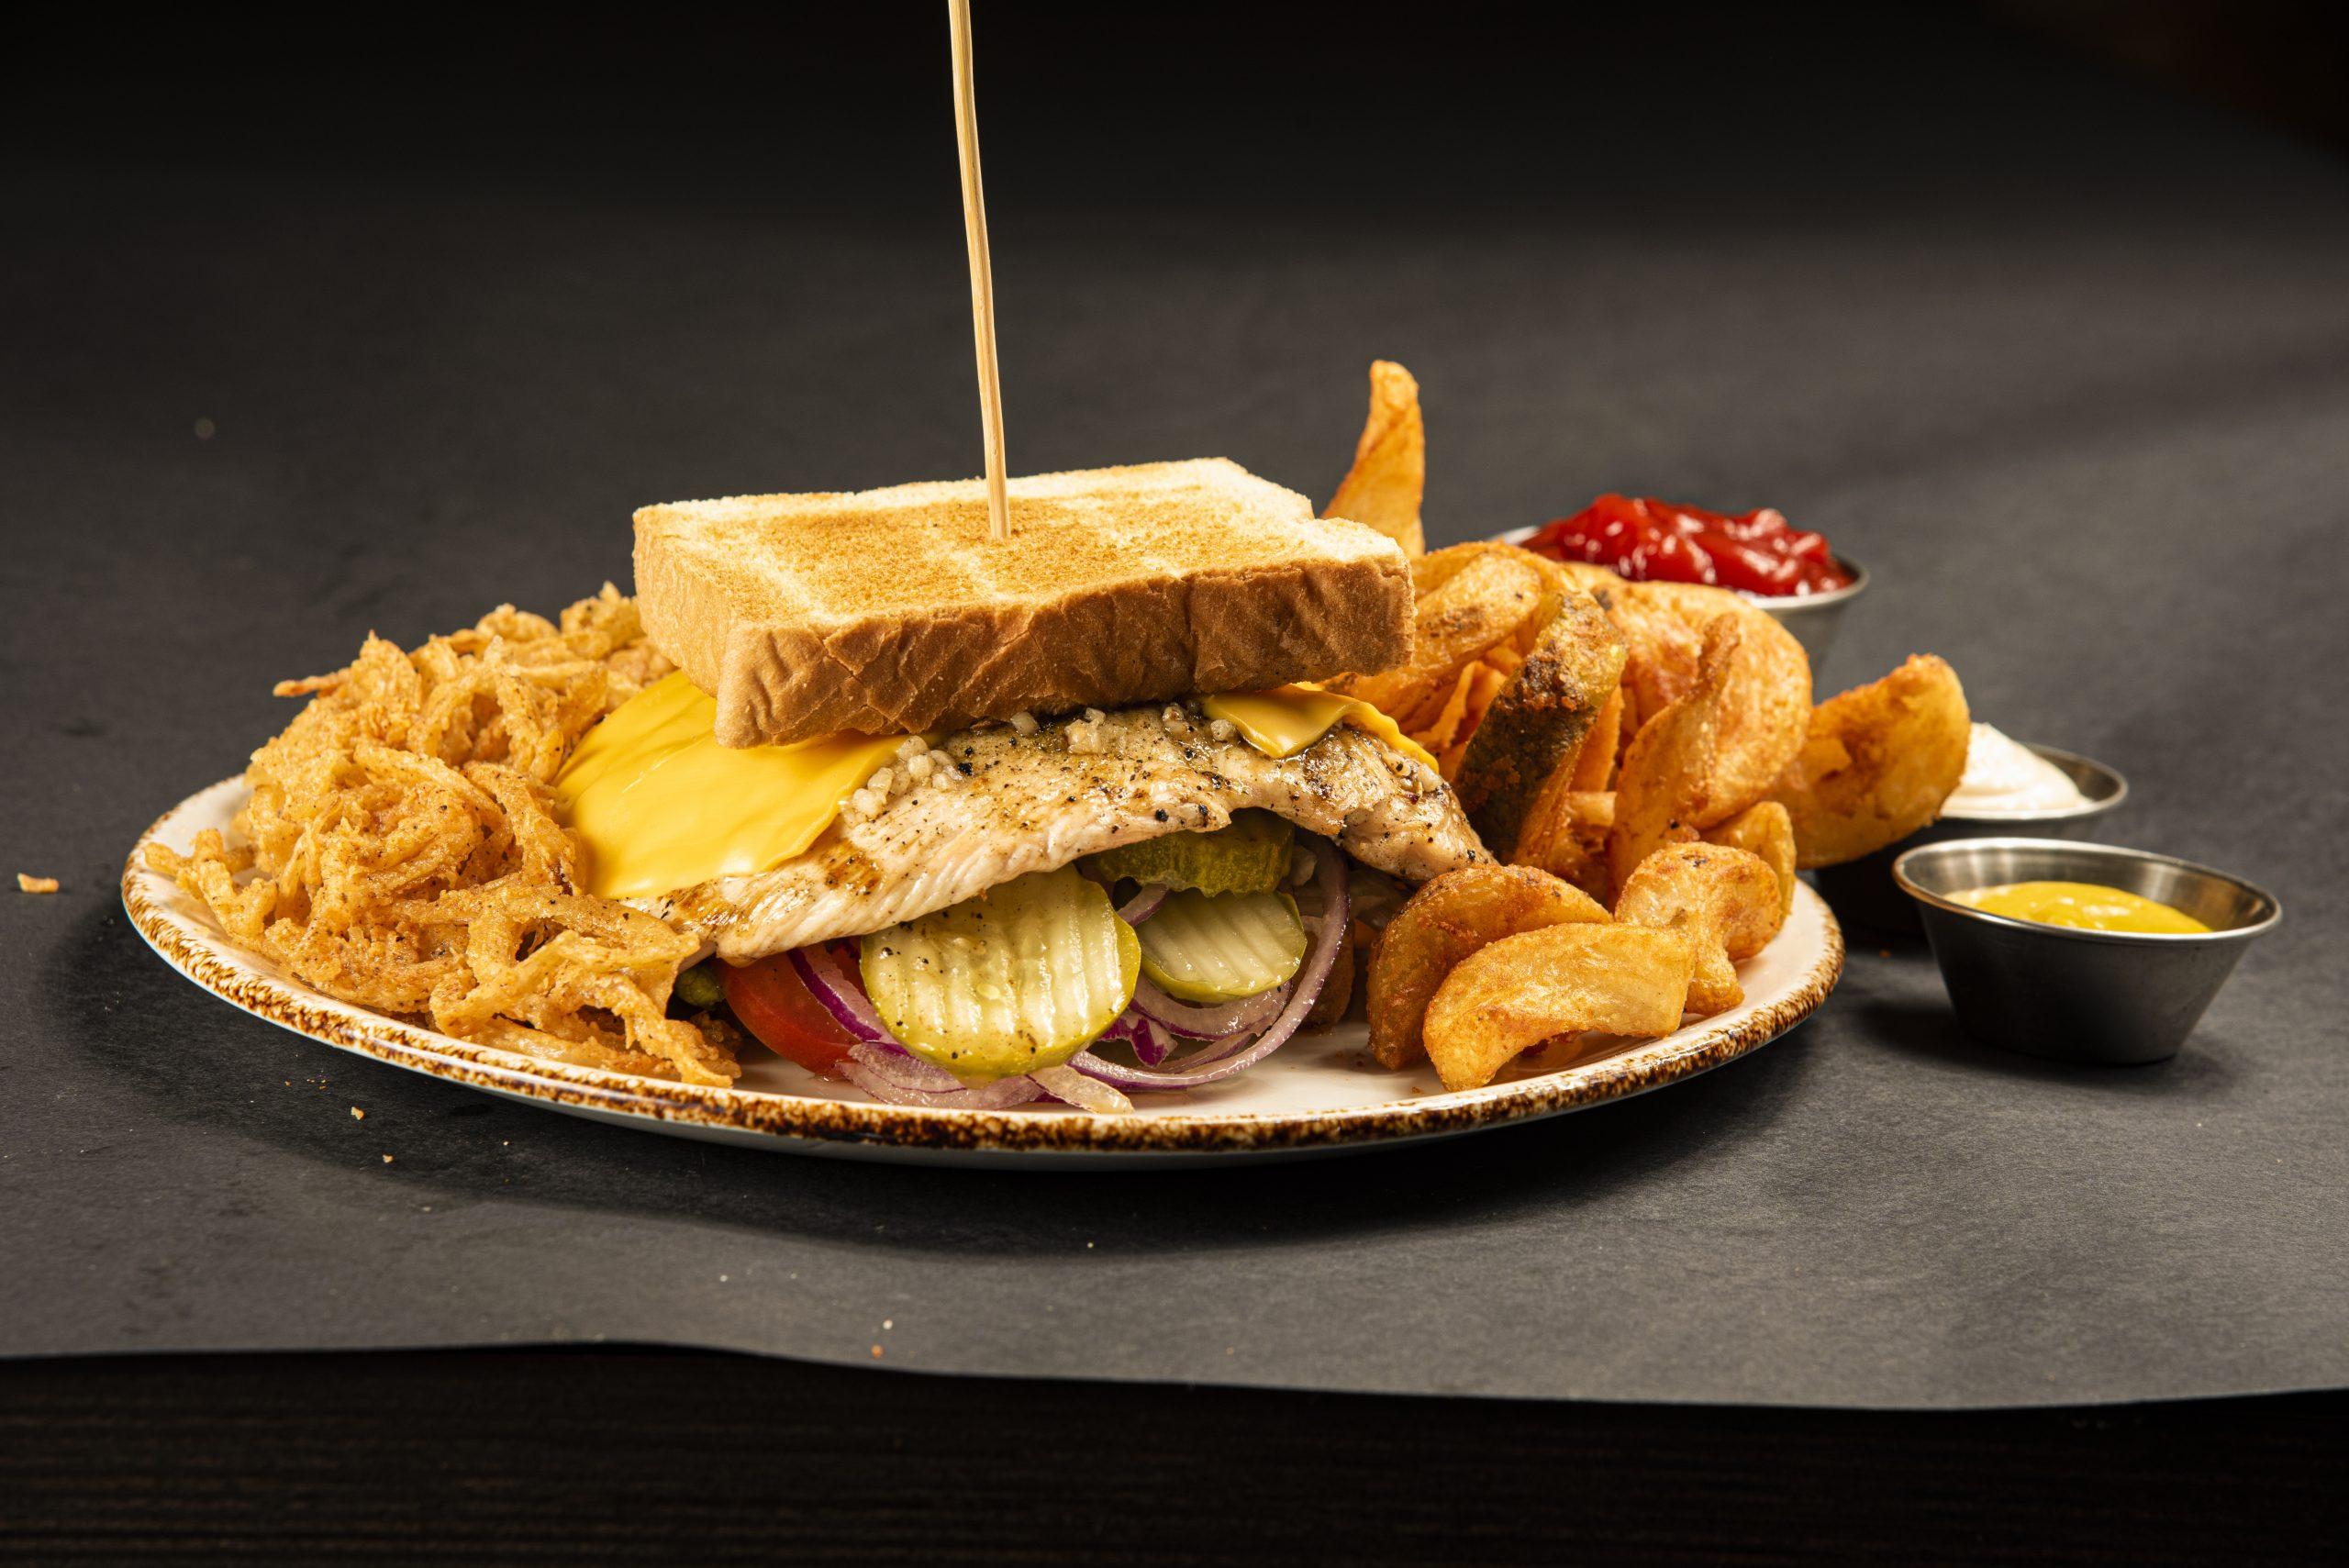 Texas Grilled Chicken Sandwich